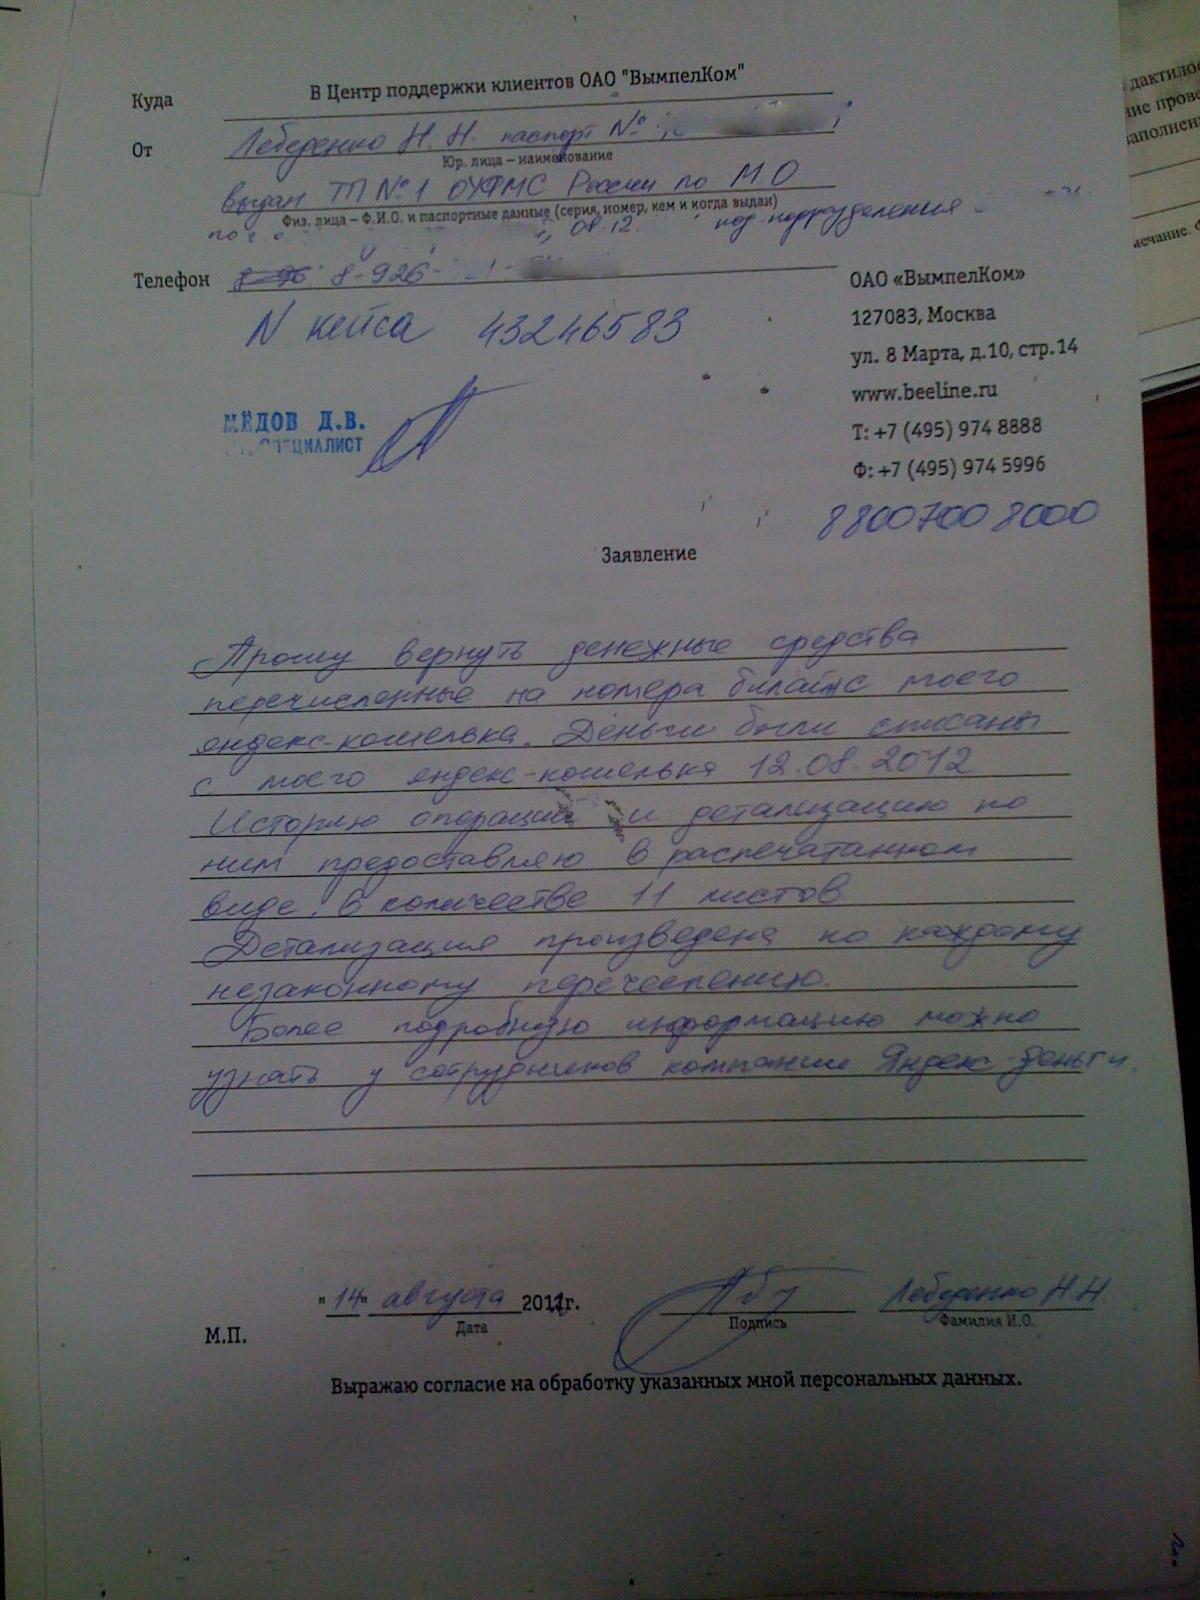 Яндекс.Деньги мошенничество